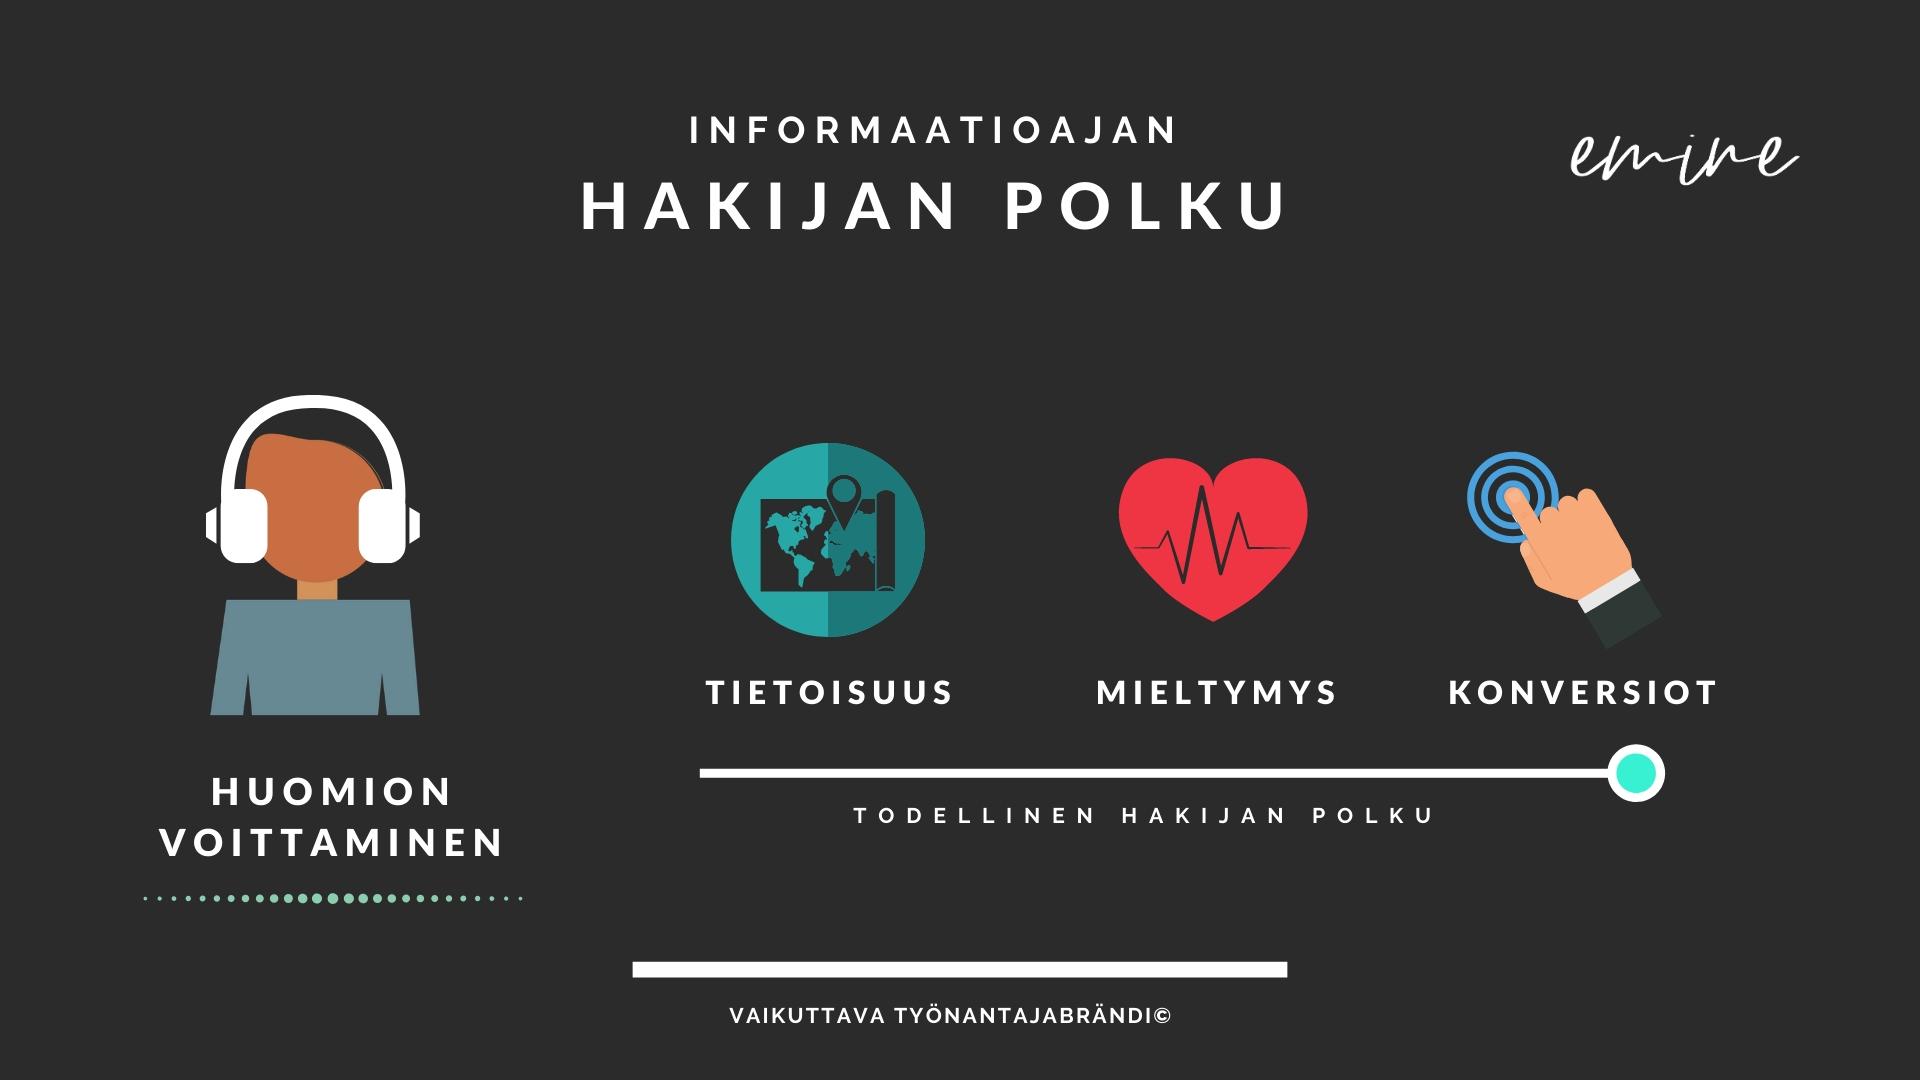 Informaatioajan hakijan polku - eminen versio - työnantajakuva ja työnantajabrändi